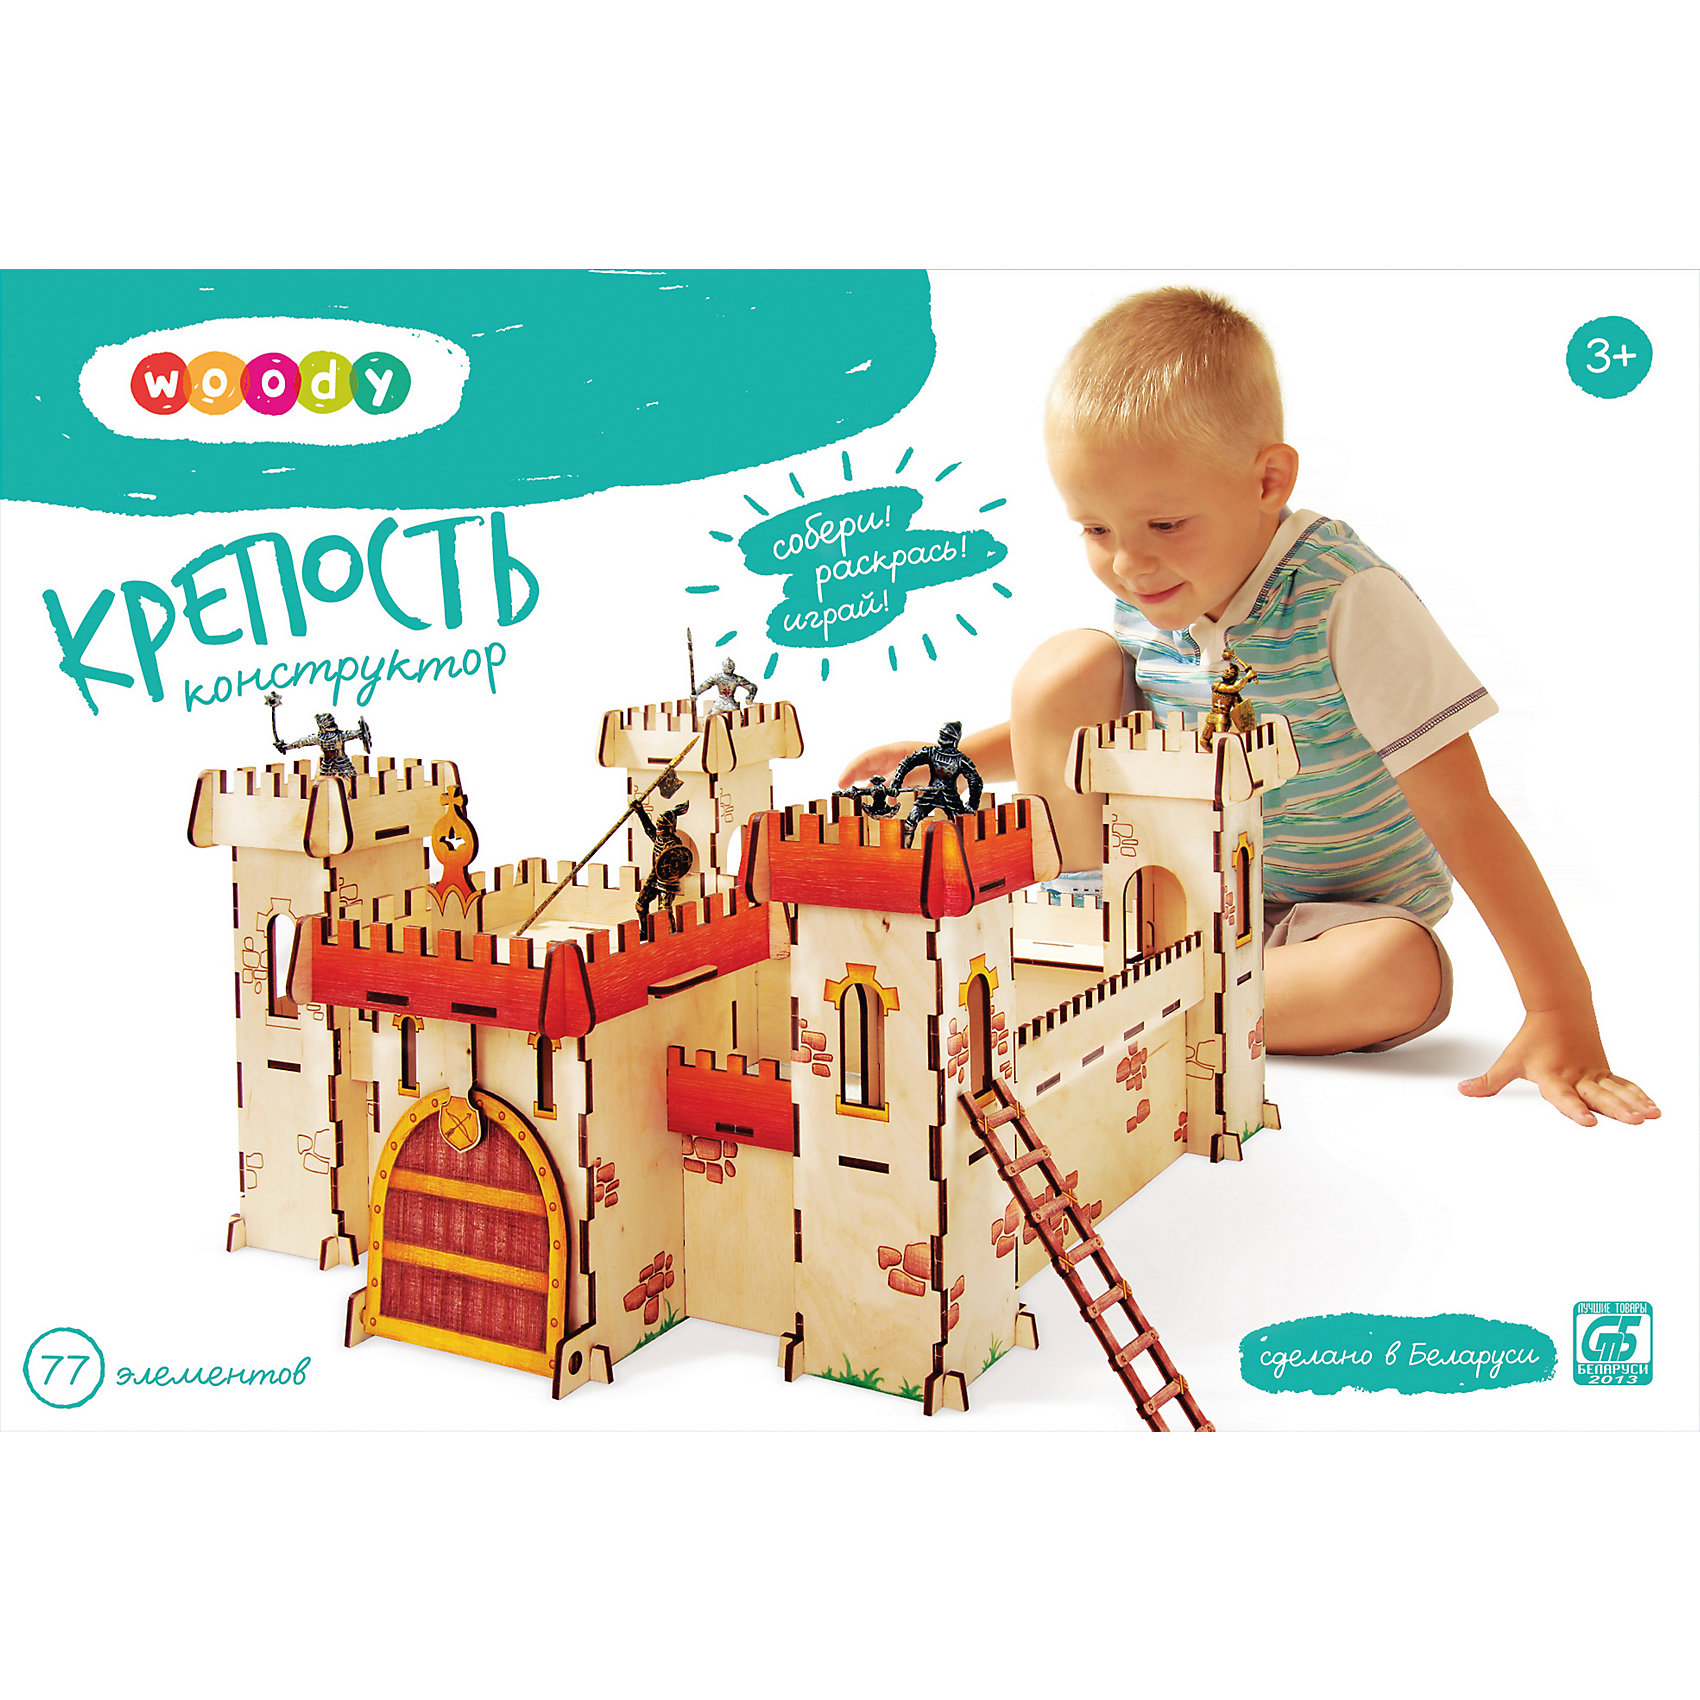 Конструктор КрепостьКонструкторы для девочек<br>Ребенок постоянно чему-то учится, сделать процесс познавания мира для малышей - просто! Интересная развивающая игрушка Крепость - это деревянный конструктор в виде большой крепости, он поможет ребенку научиться сопоставлять детали. <br>Этот конструктор обязательно займет ребенка! Игра с ним помогает детям развивать мелкую моторику и познавать мир, также его можно раскрасить по своему усмотрению. Обучающая игрушка сделана из качественных и безопасных для ребенка материалов - натурального дерева.<br><br>Дополнительная информация:<br><br>цвет: дерево;<br>размер: 44,5 х 52 х 25 см;<br>вес: 1500 г;<br>элементов: 63;<br>материал: дерево.<br><br>Конструктор Крепость можно купить в нашем магазине.<br><br>Ширина мм: 335<br>Глубина мм: 70<br>Высота мм: 230<br>Вес г: 1404<br>Возраст от месяцев: 36<br>Возраст до месяцев: 2147483647<br>Пол: Унисекс<br>Возраст: Детский<br>SKU: 4916367